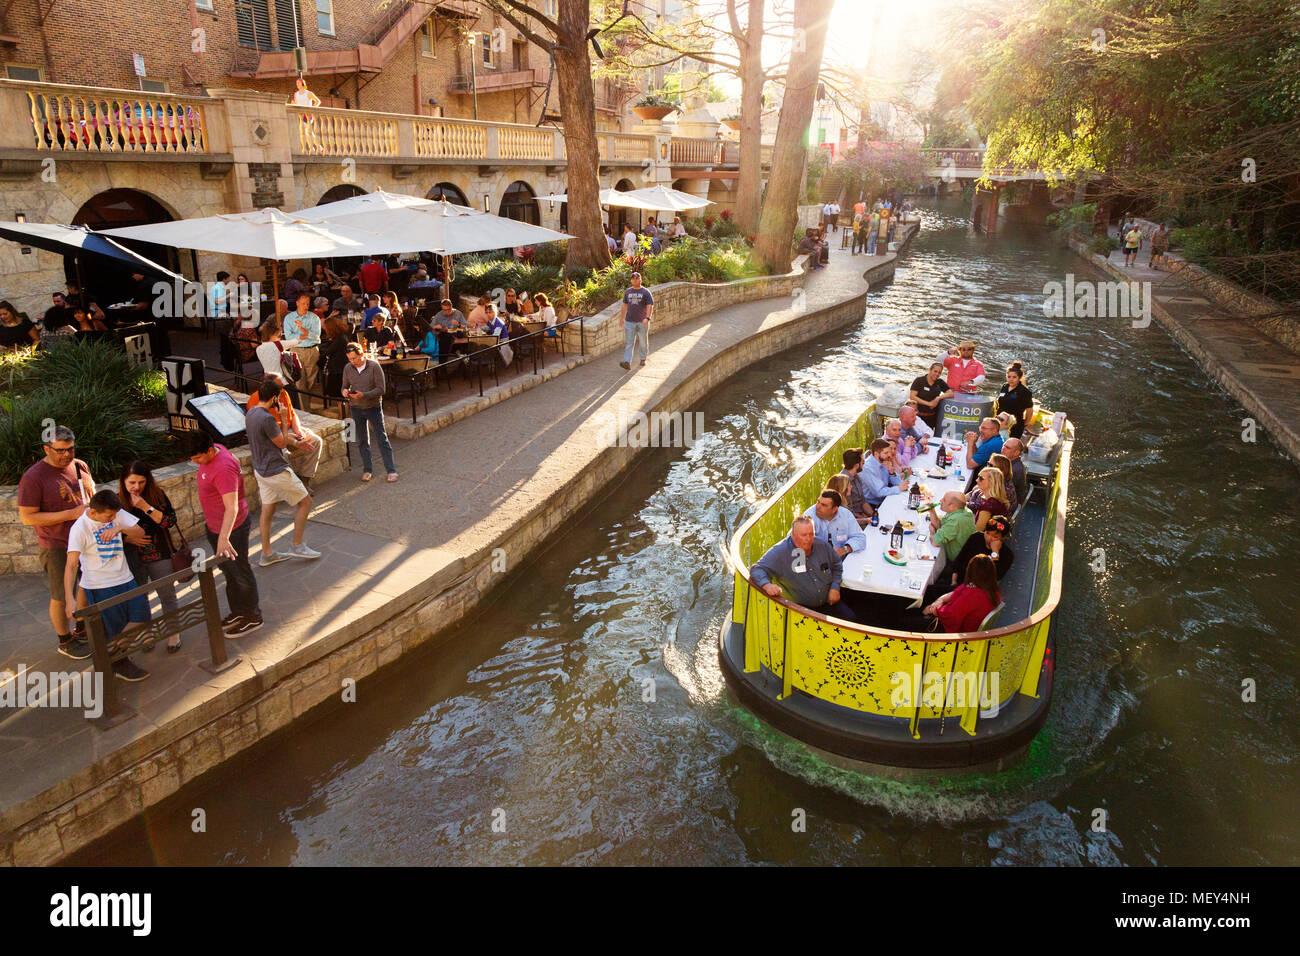 Los viajeros cenar en una barcaza en el río San Antonio; San Antonio River Walk, San Antonio, Texas, EE.UU. Foto de stock